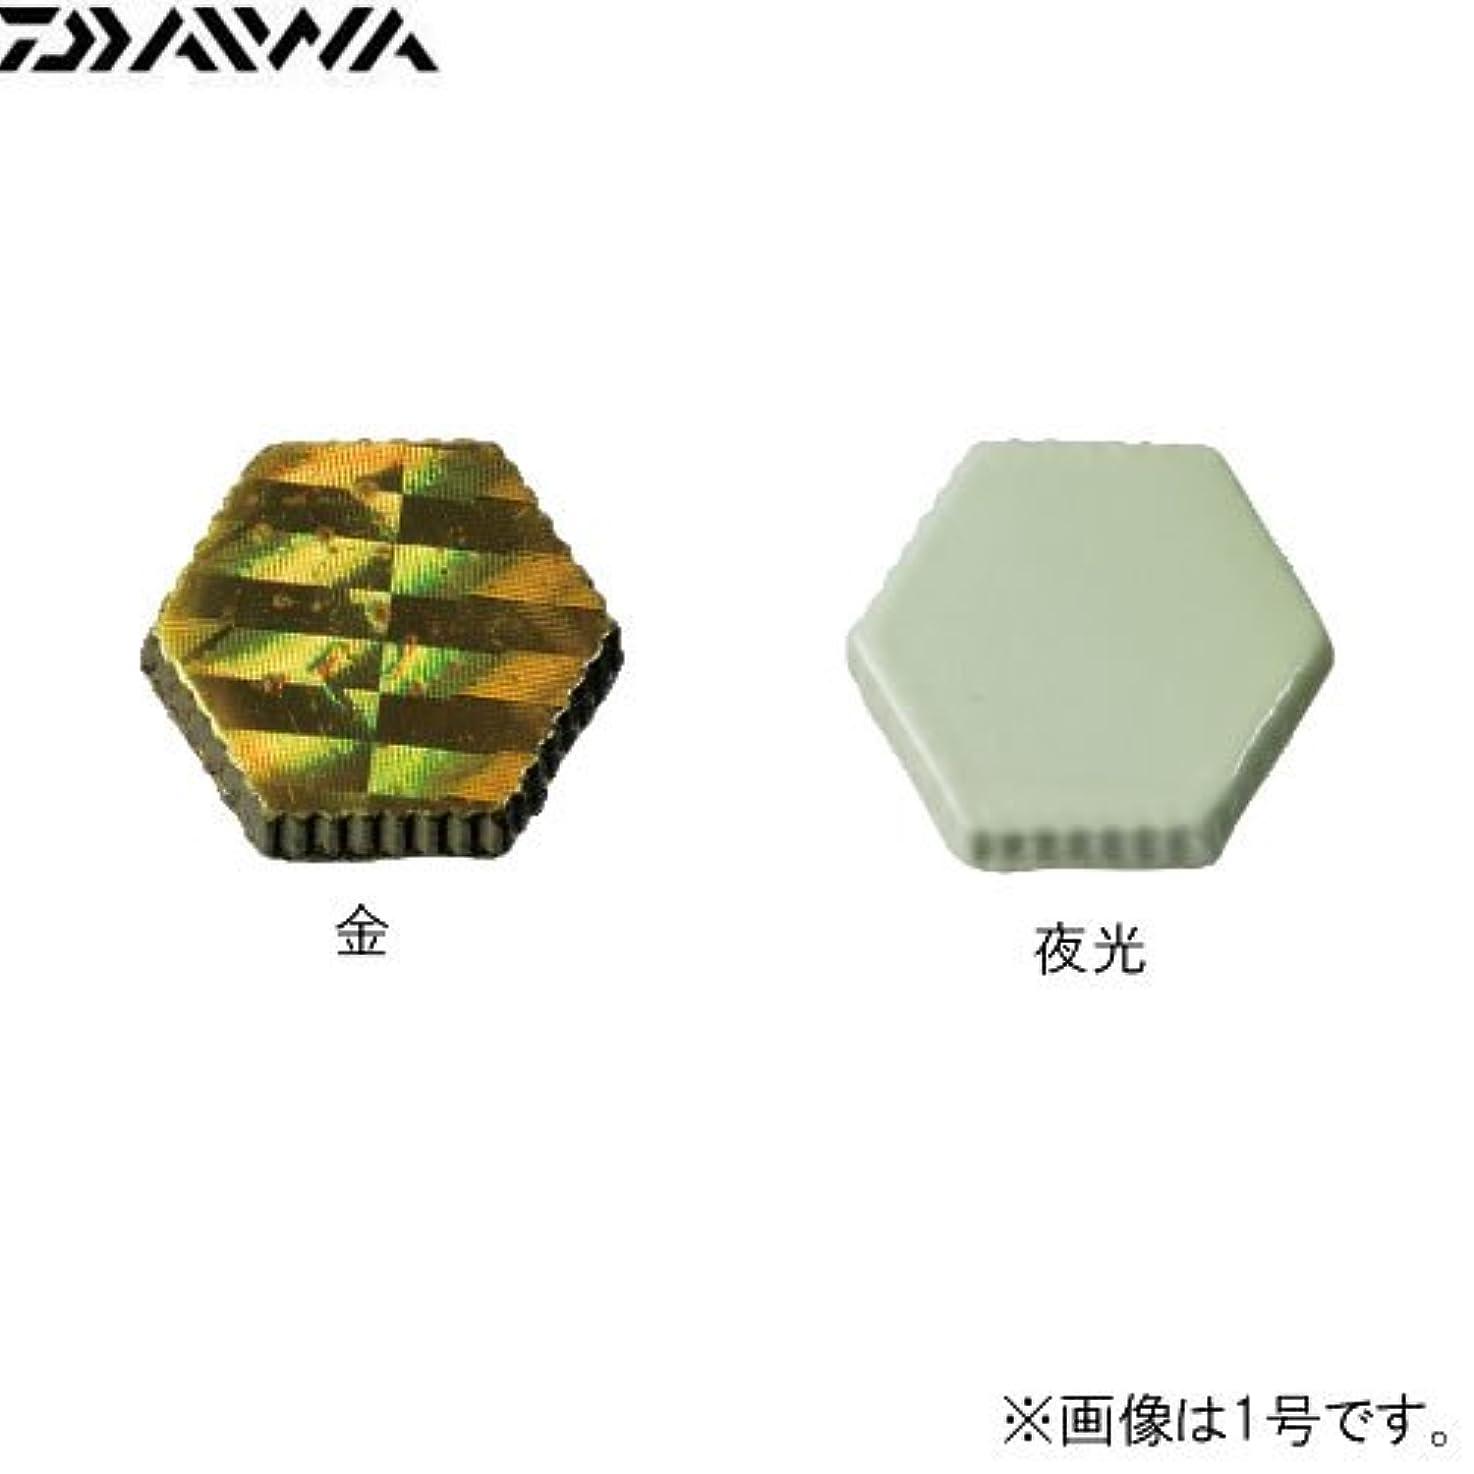 知っているに立ち寄るポジション相関するダイワ(Daiwa) タイテンヤ タイラバ 紅牙 プラスシンカー 2号 夜光